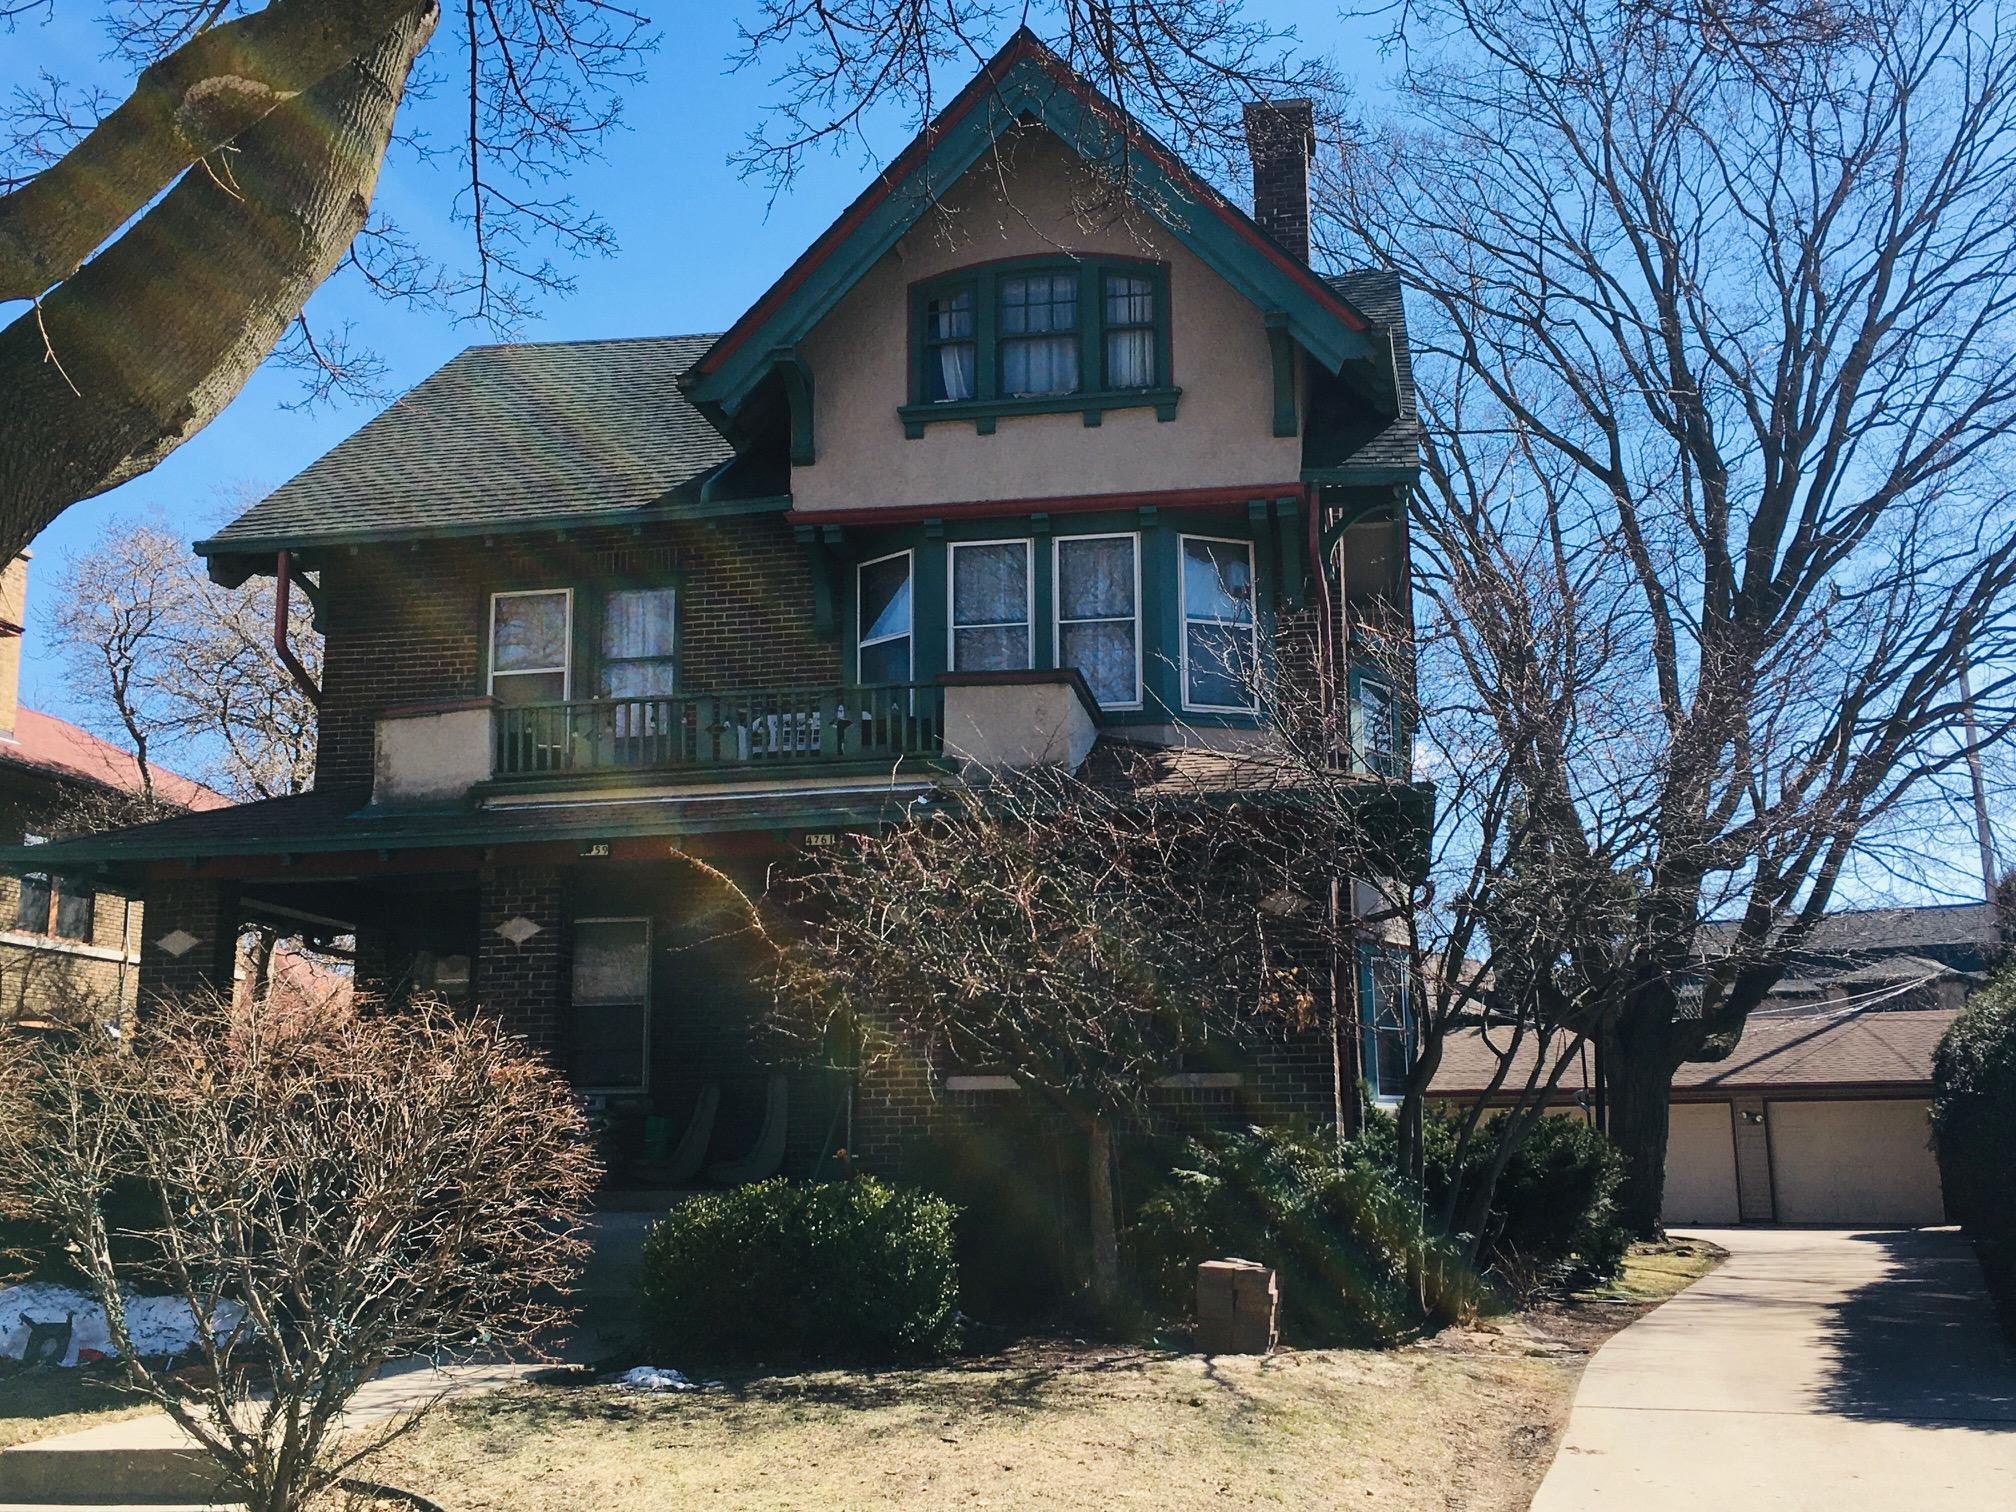 Photo of 4759 W Woodlawn Ct #4761, Milwaukee, WI 53208